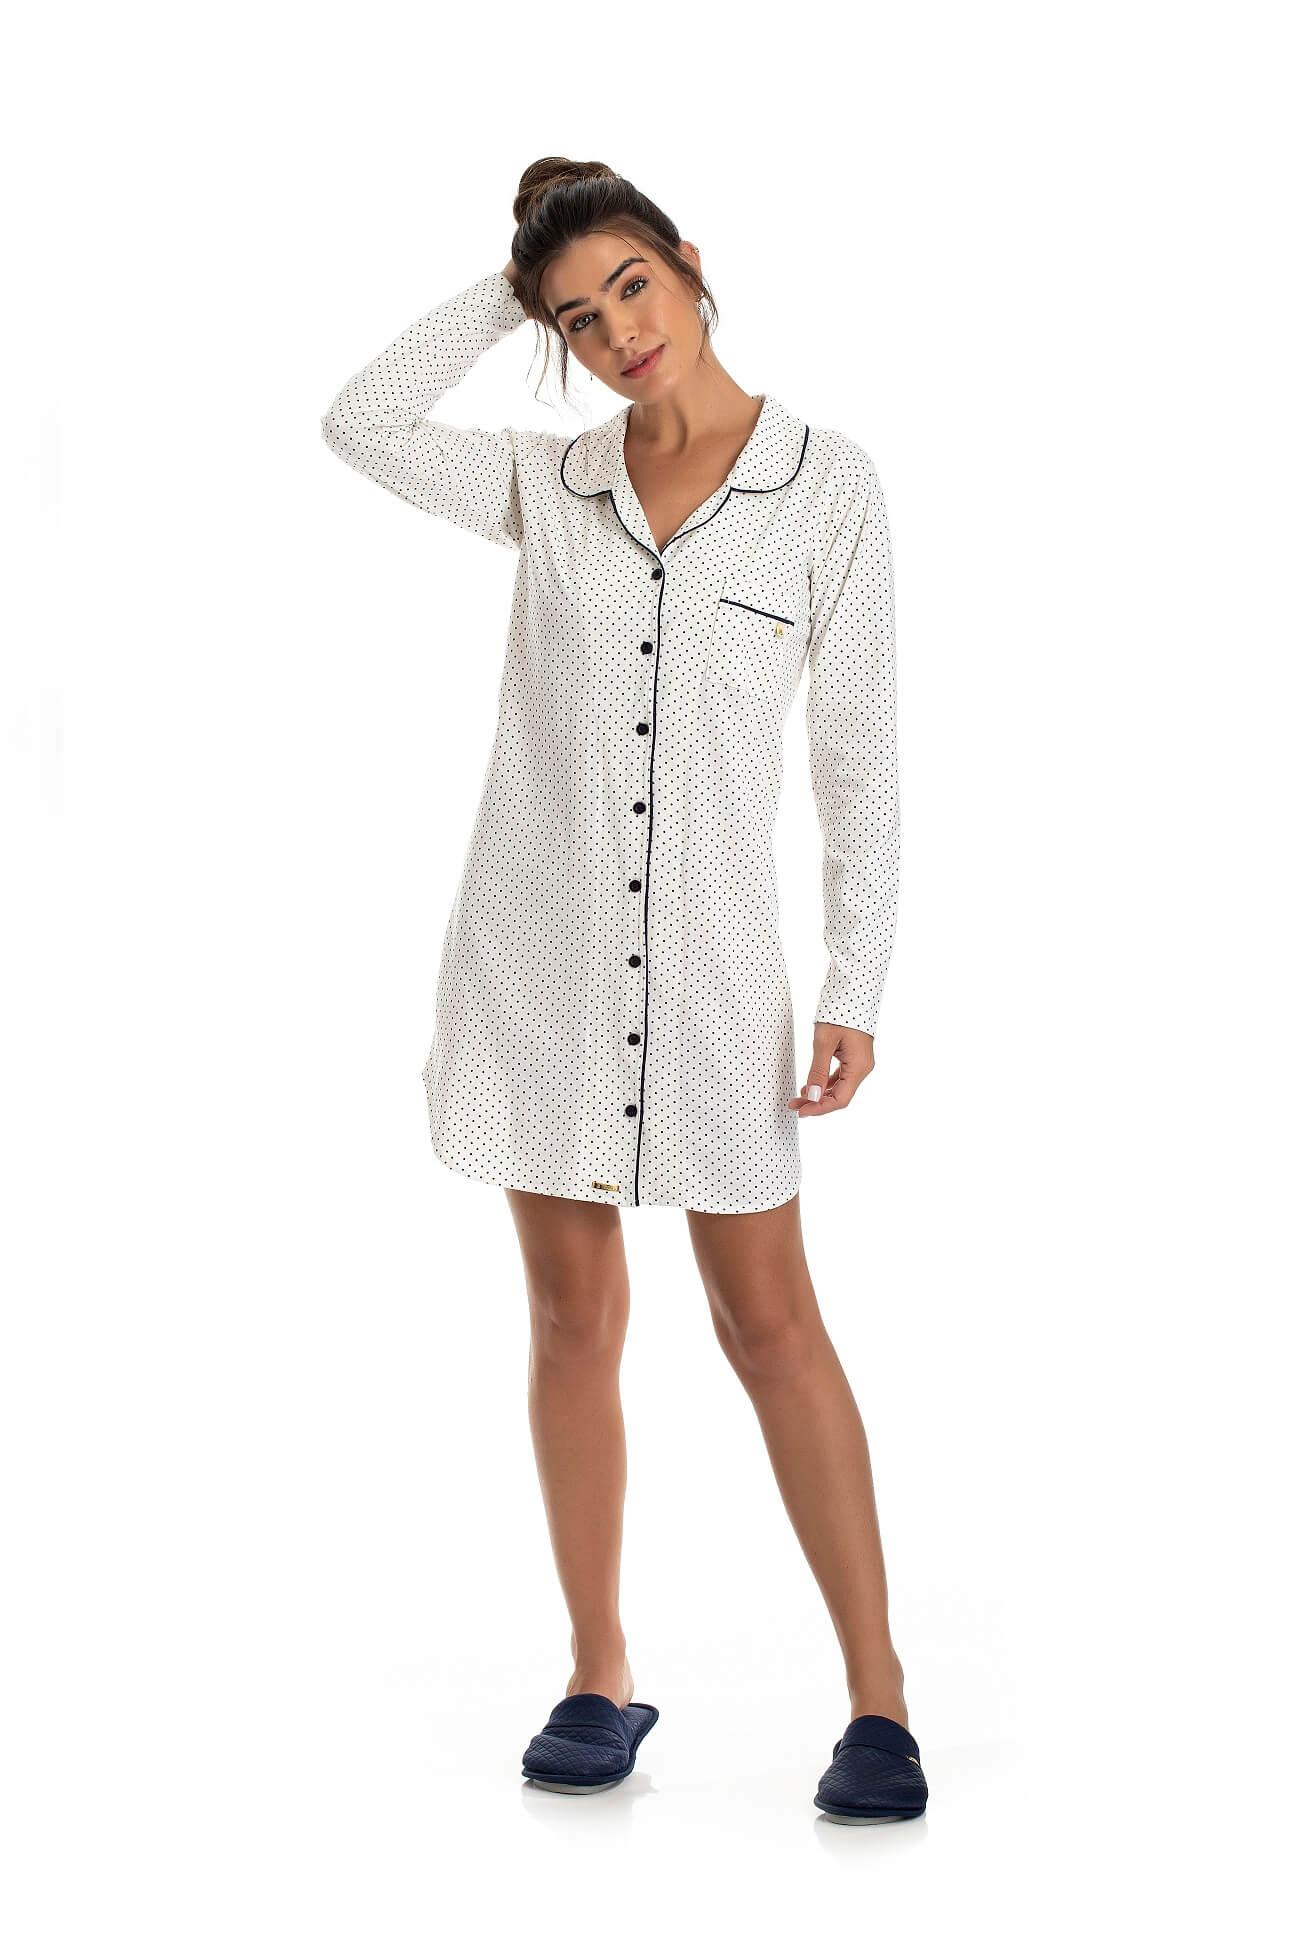 Camisao 1098 Poa Manga Longa C/botÃo ( 100% AlgodÃo)